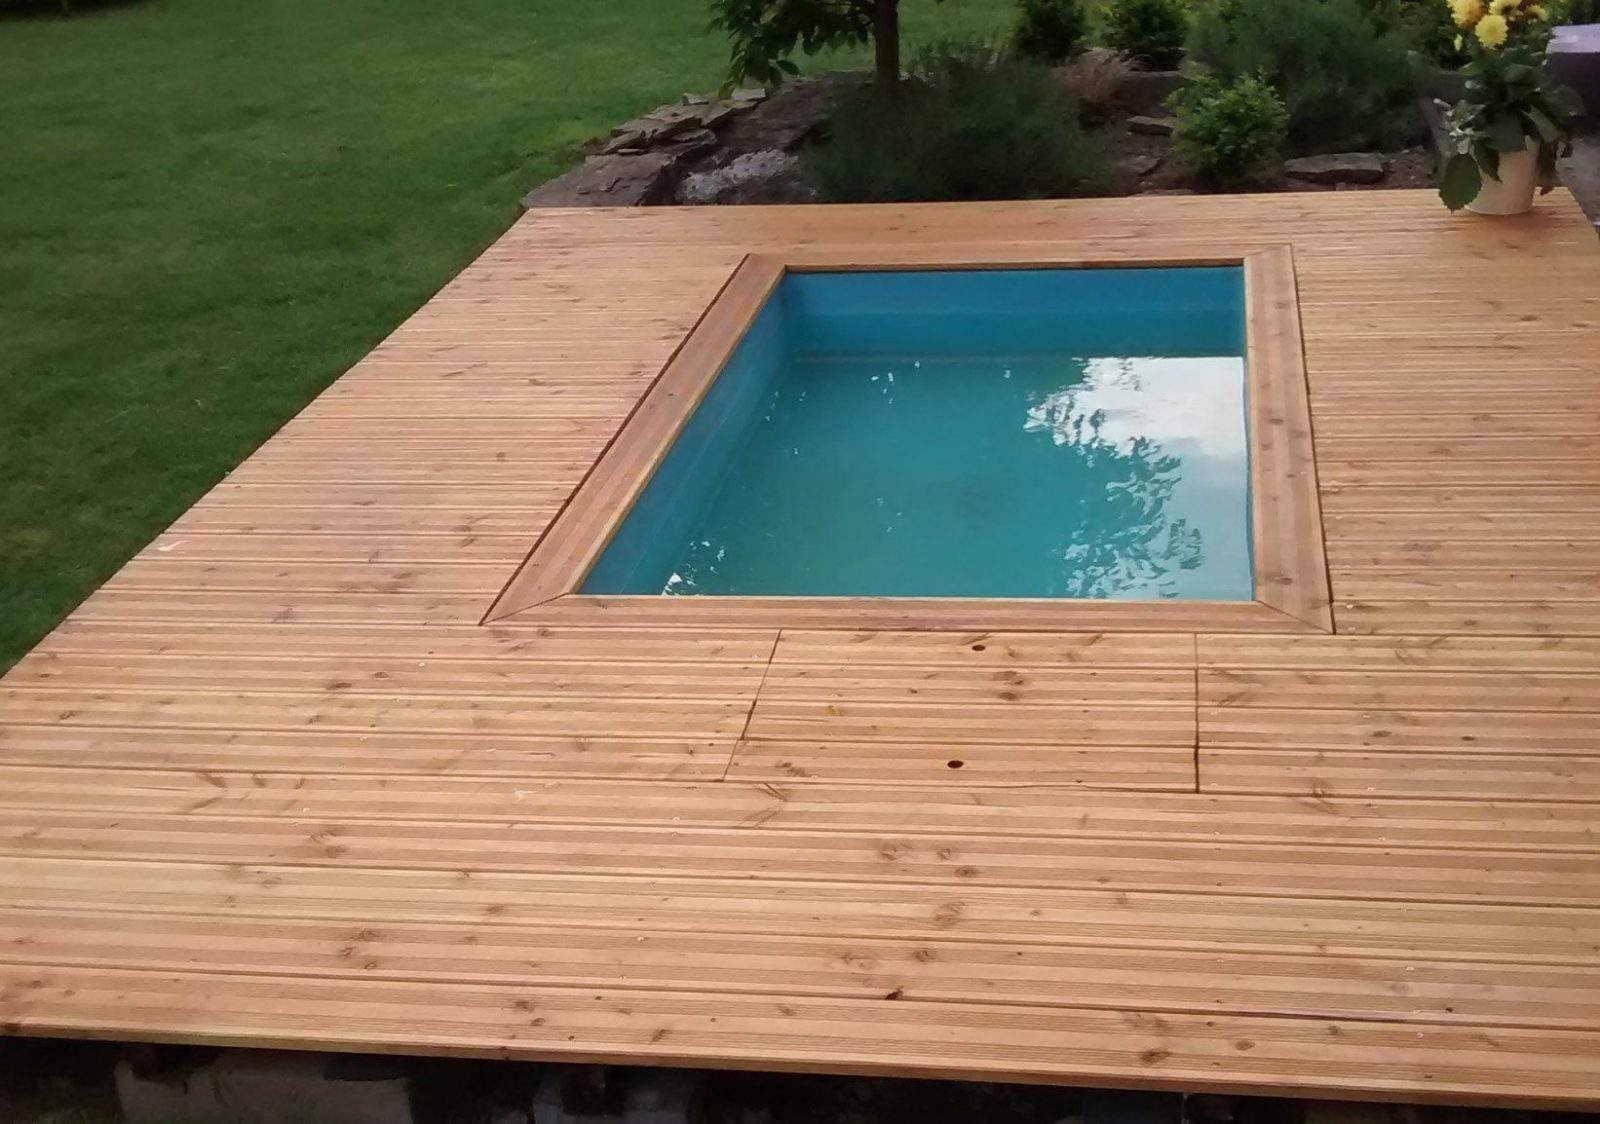 Surprising Mini Pool Garten Selber Bauen Kleiner Im Kosten Kaufen von Tauchbecken Im Garten Selber Bauen Photo